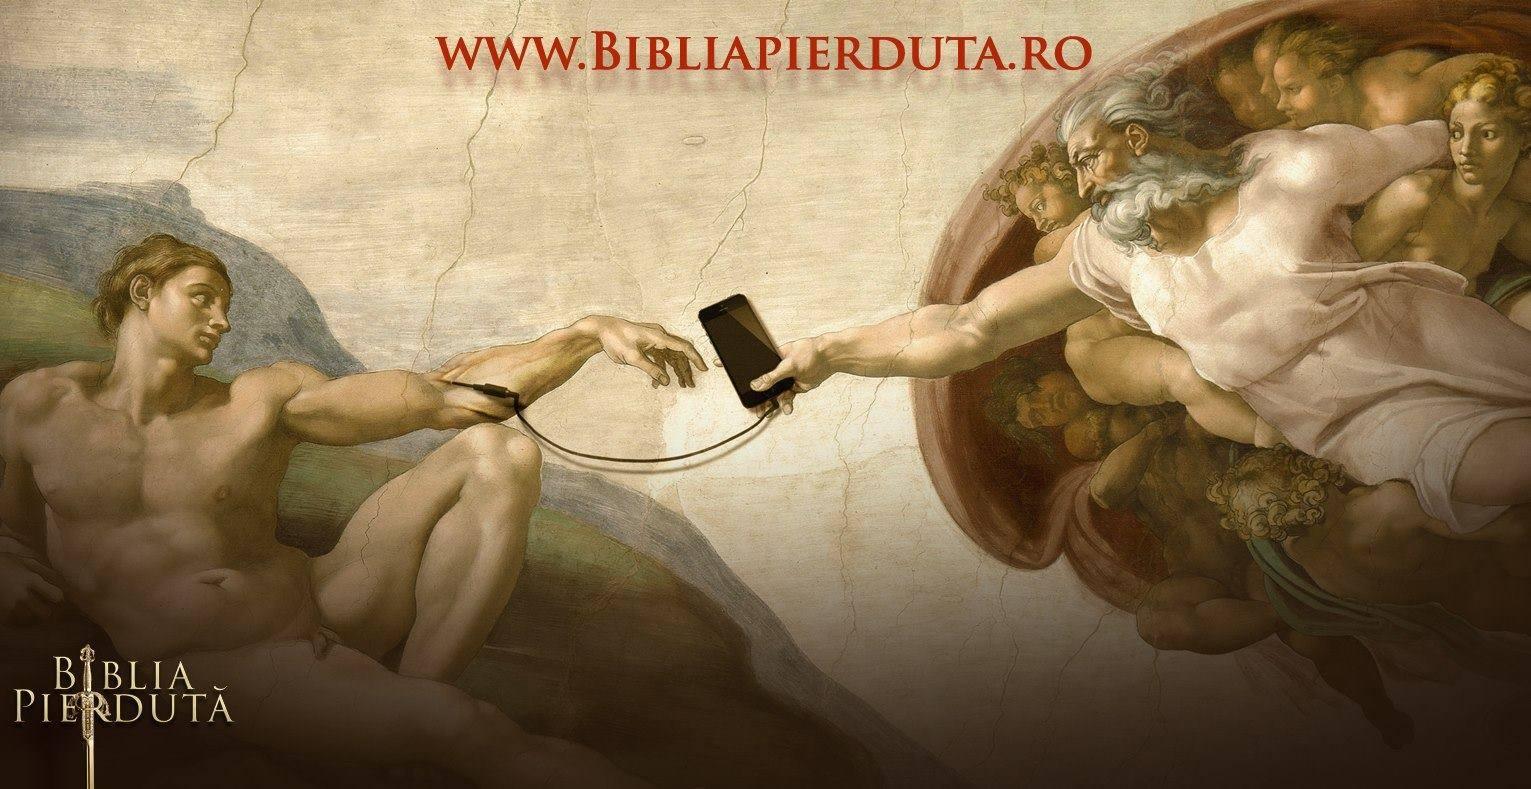 """""""Biblia pierduta"""", cea mai asteptata carte a anului, va intra in librarii din 1 octombrie"""